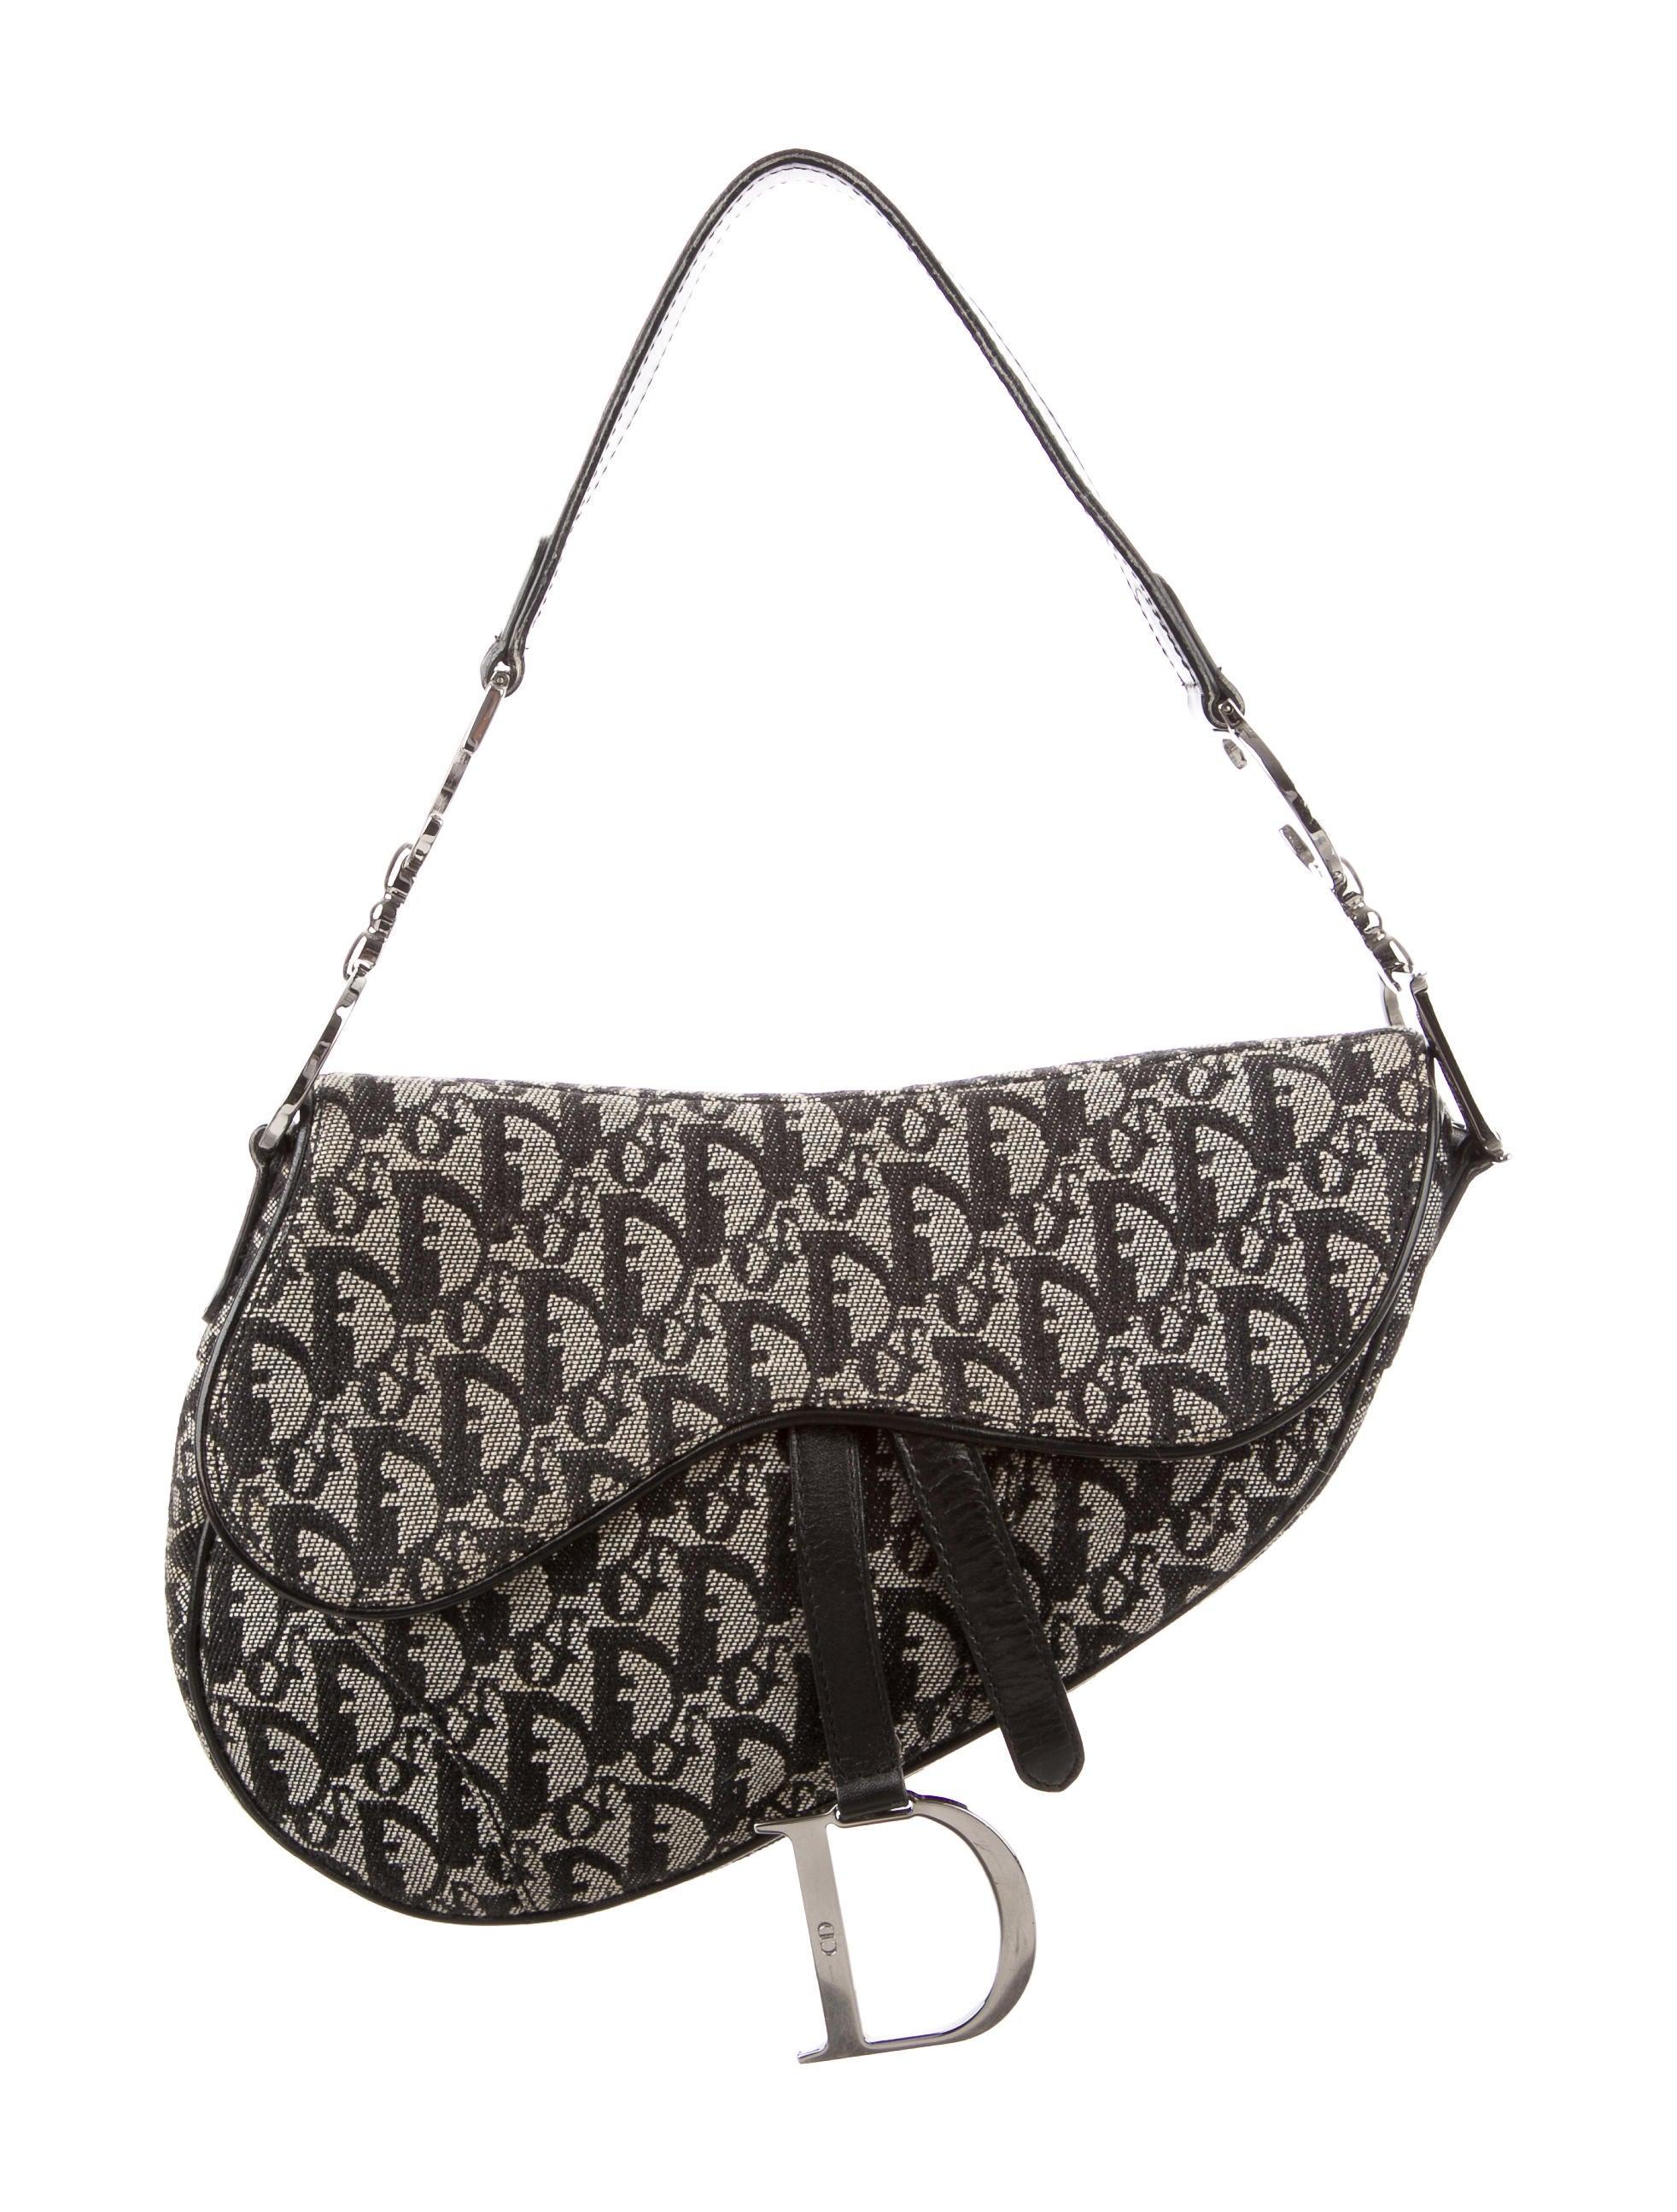 Christian Dior Diorissimo Saddle Bag Handbags Chr53833